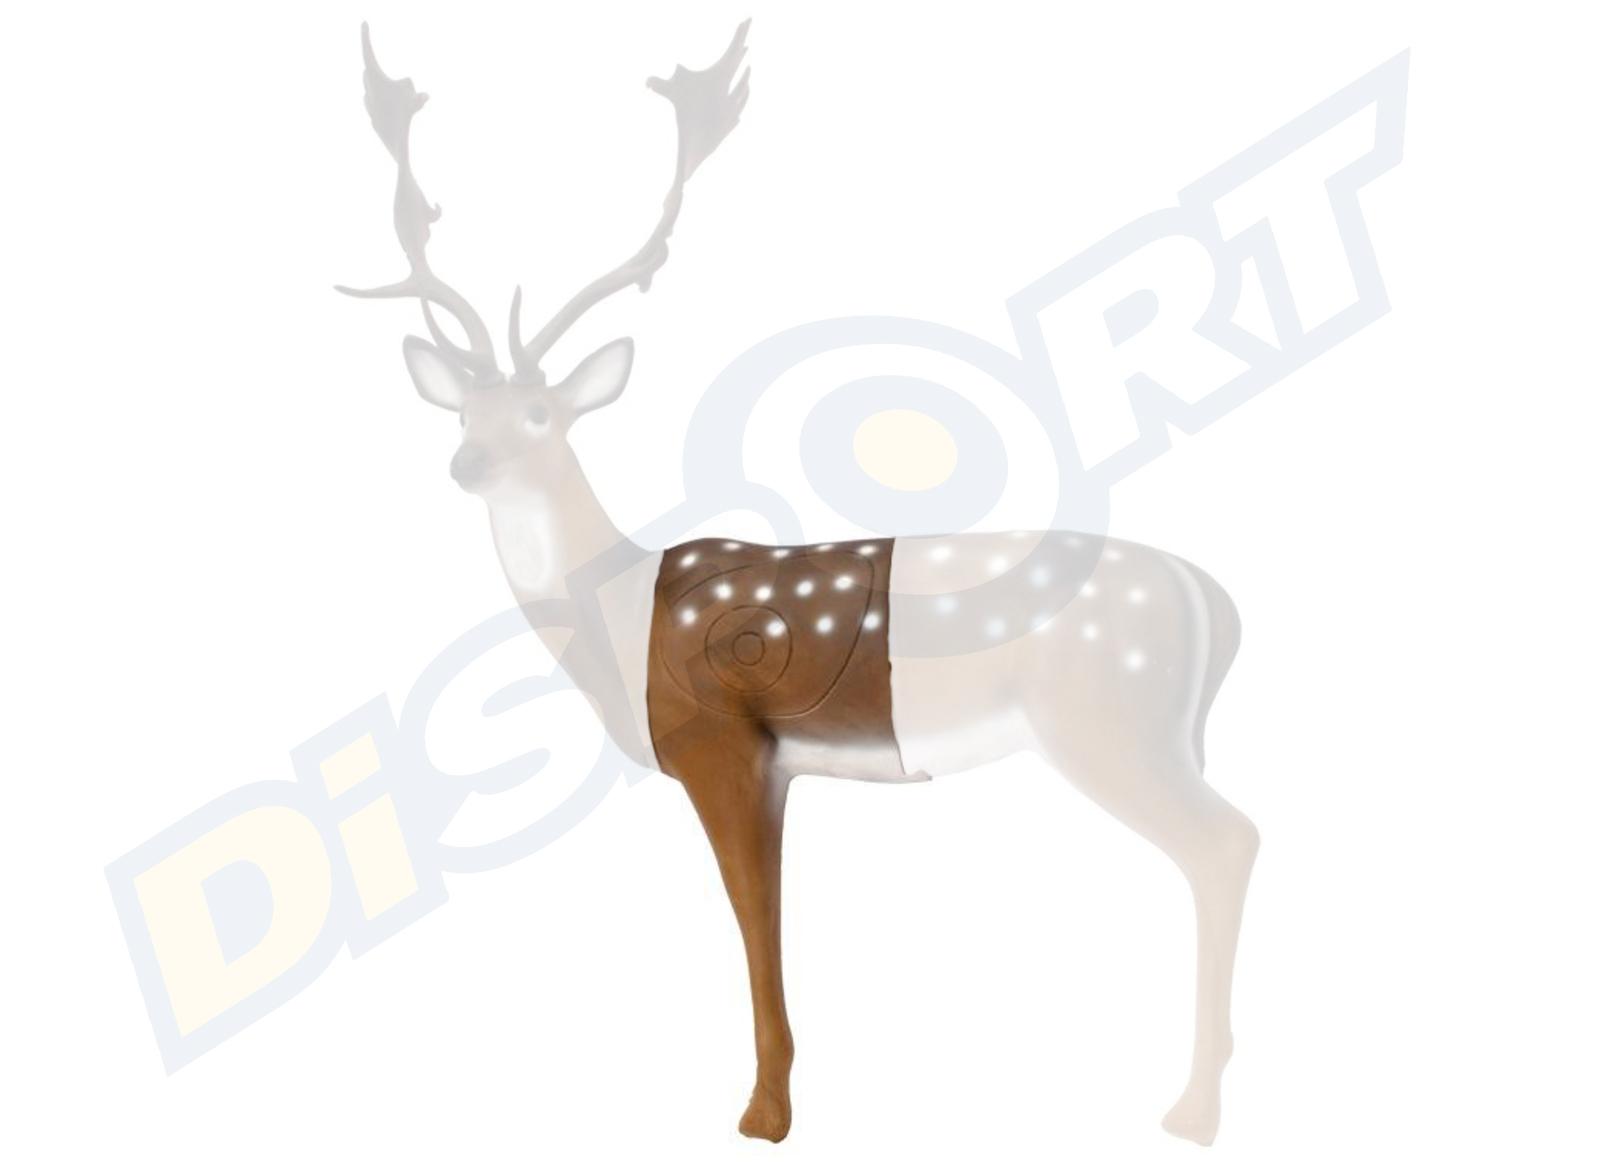 SRT TARGET 3D RICAMBIO CENTRALE DEL DAINO 08530693